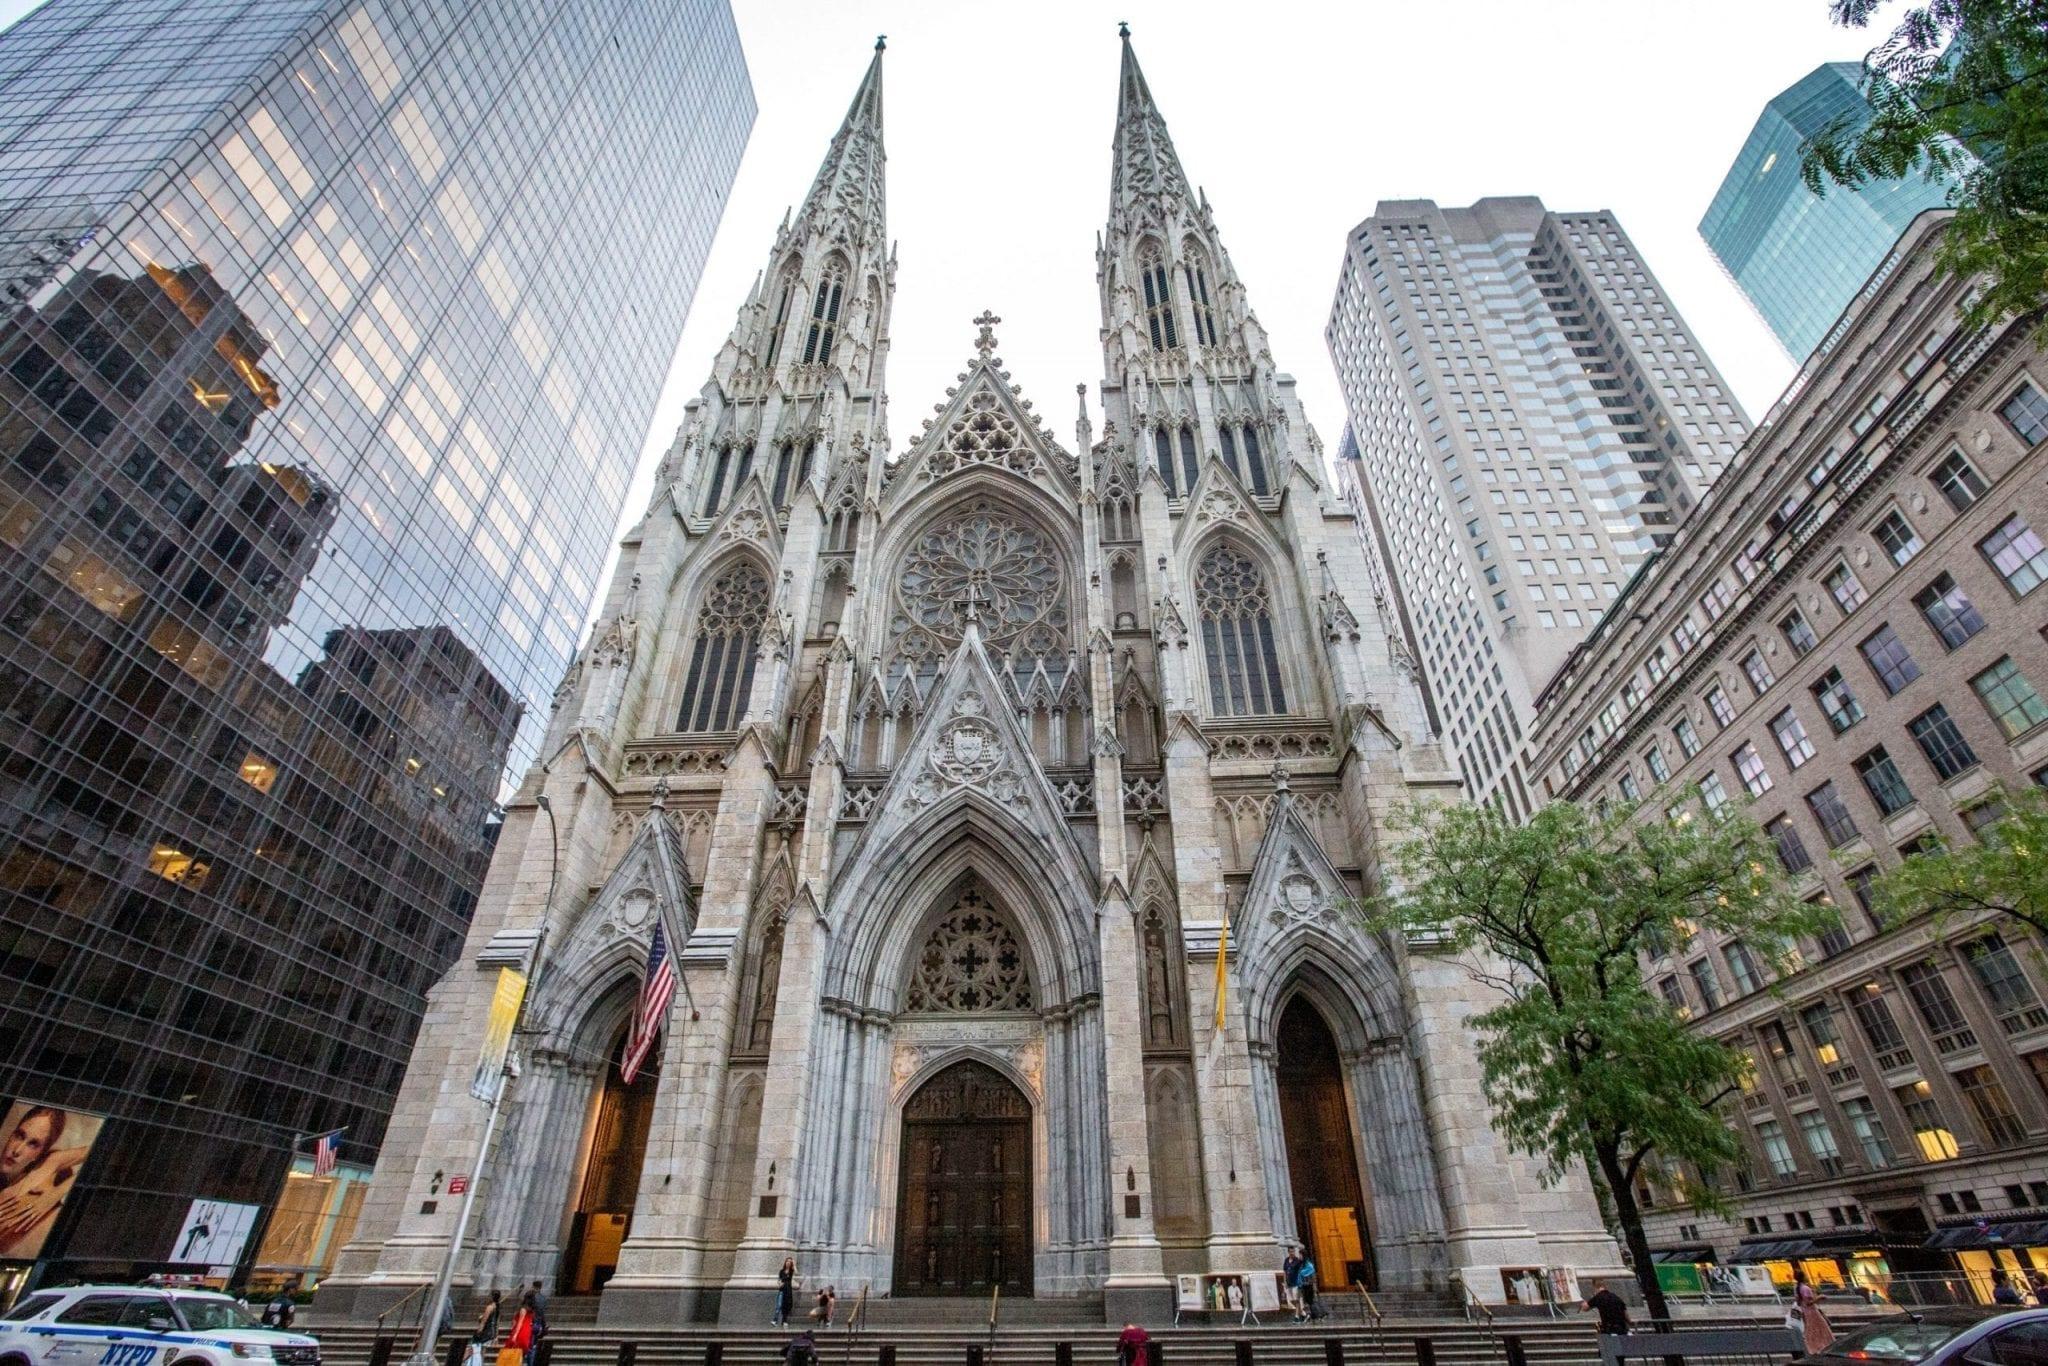 Cathédrale New York, photo et reportage de voyage Studio End entre Rodez et Albi